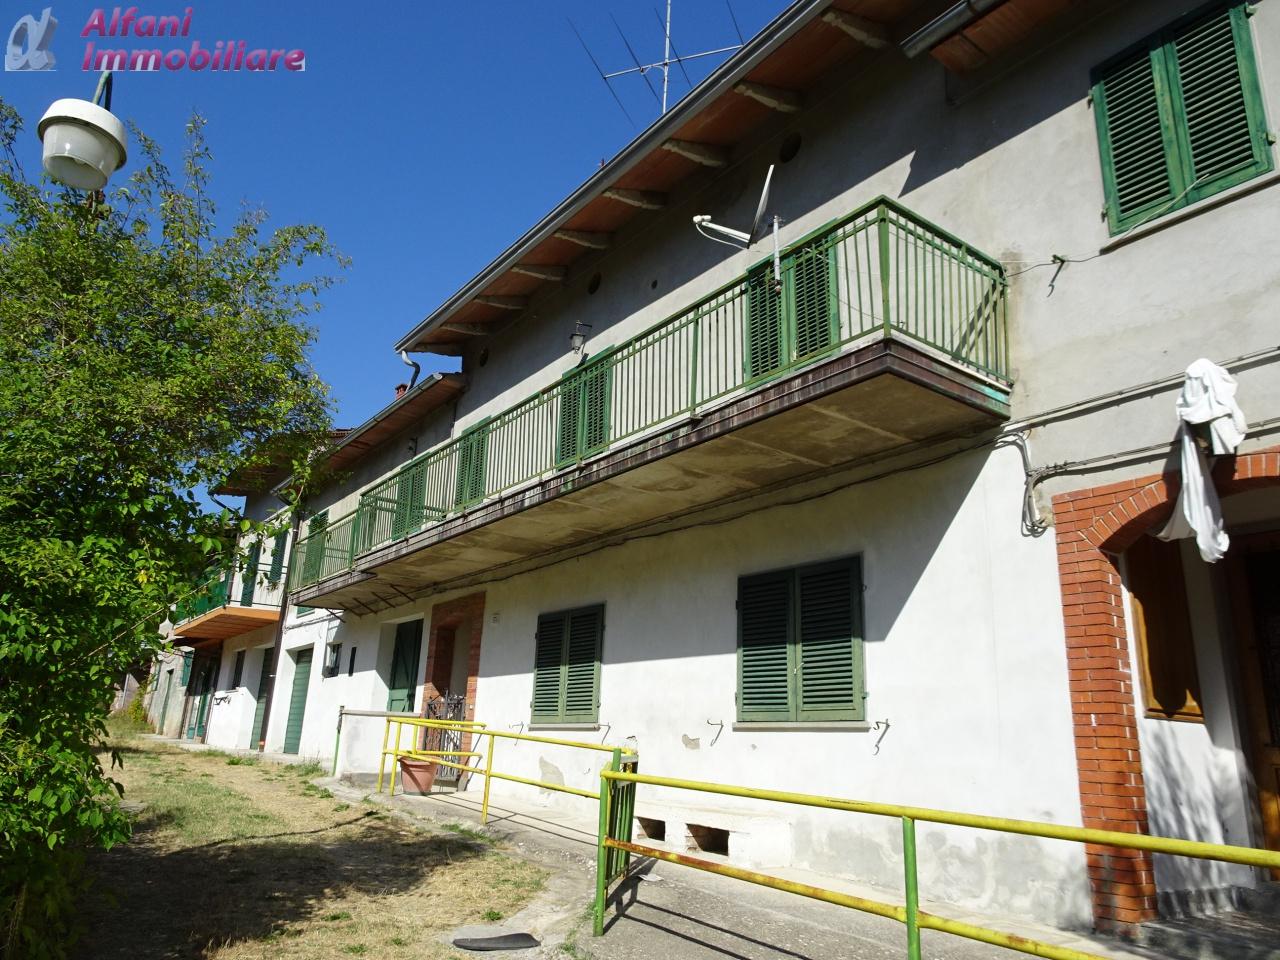 Appartamento in vendita a Poppi, 6 locali, prezzo € 75.000 | PortaleAgenzieImmobiliari.it